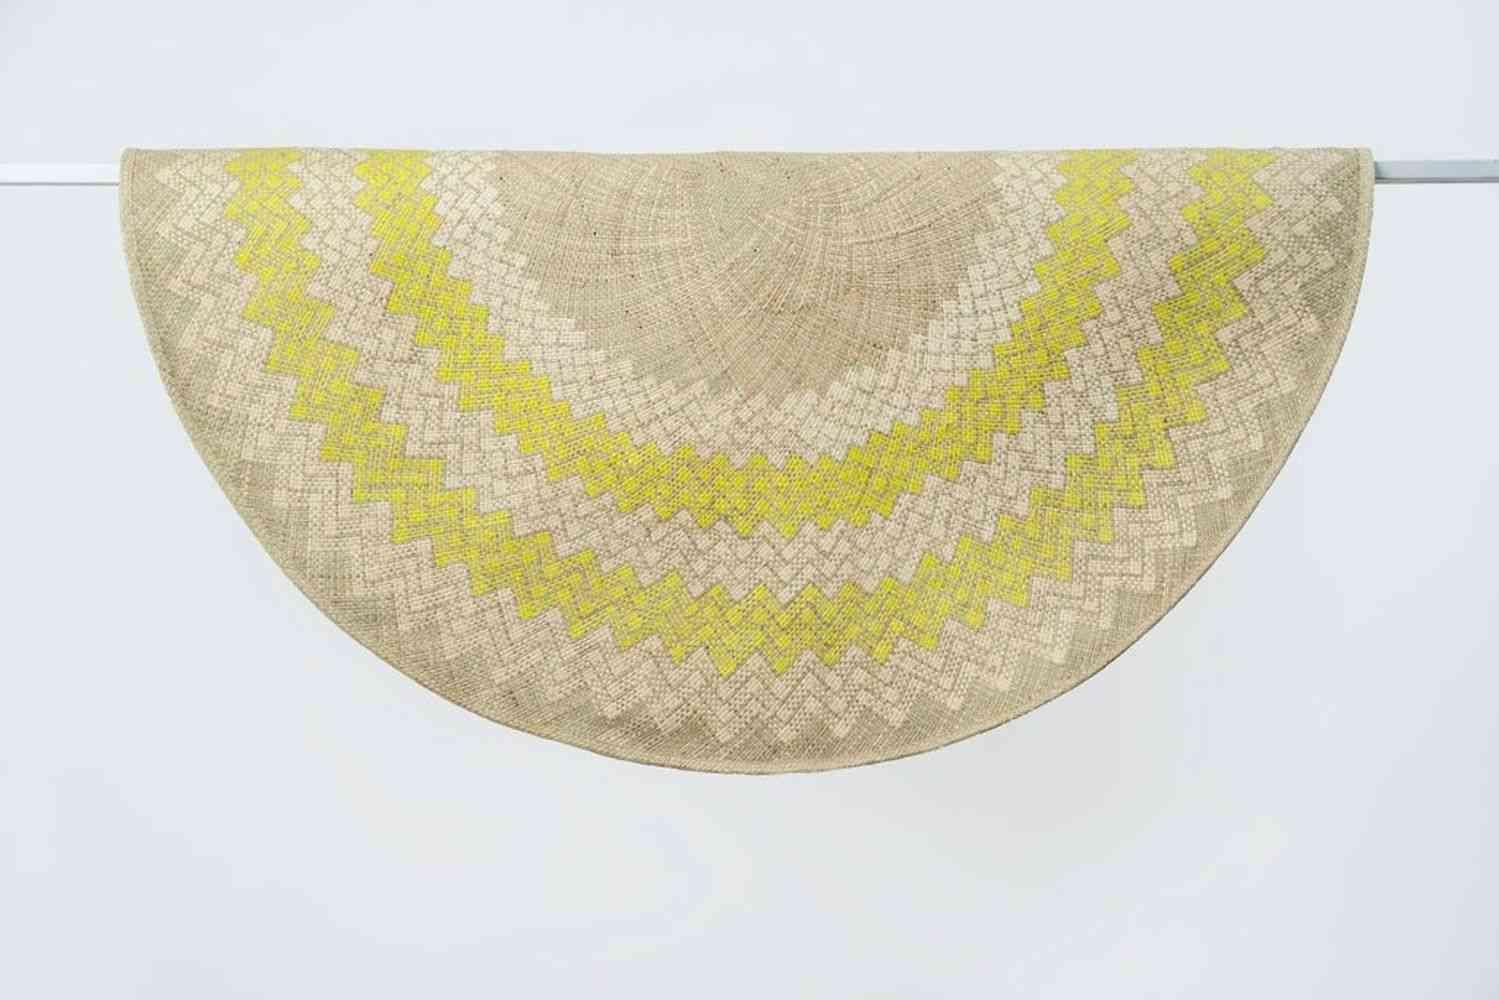 Lime Green Sunburst Mat